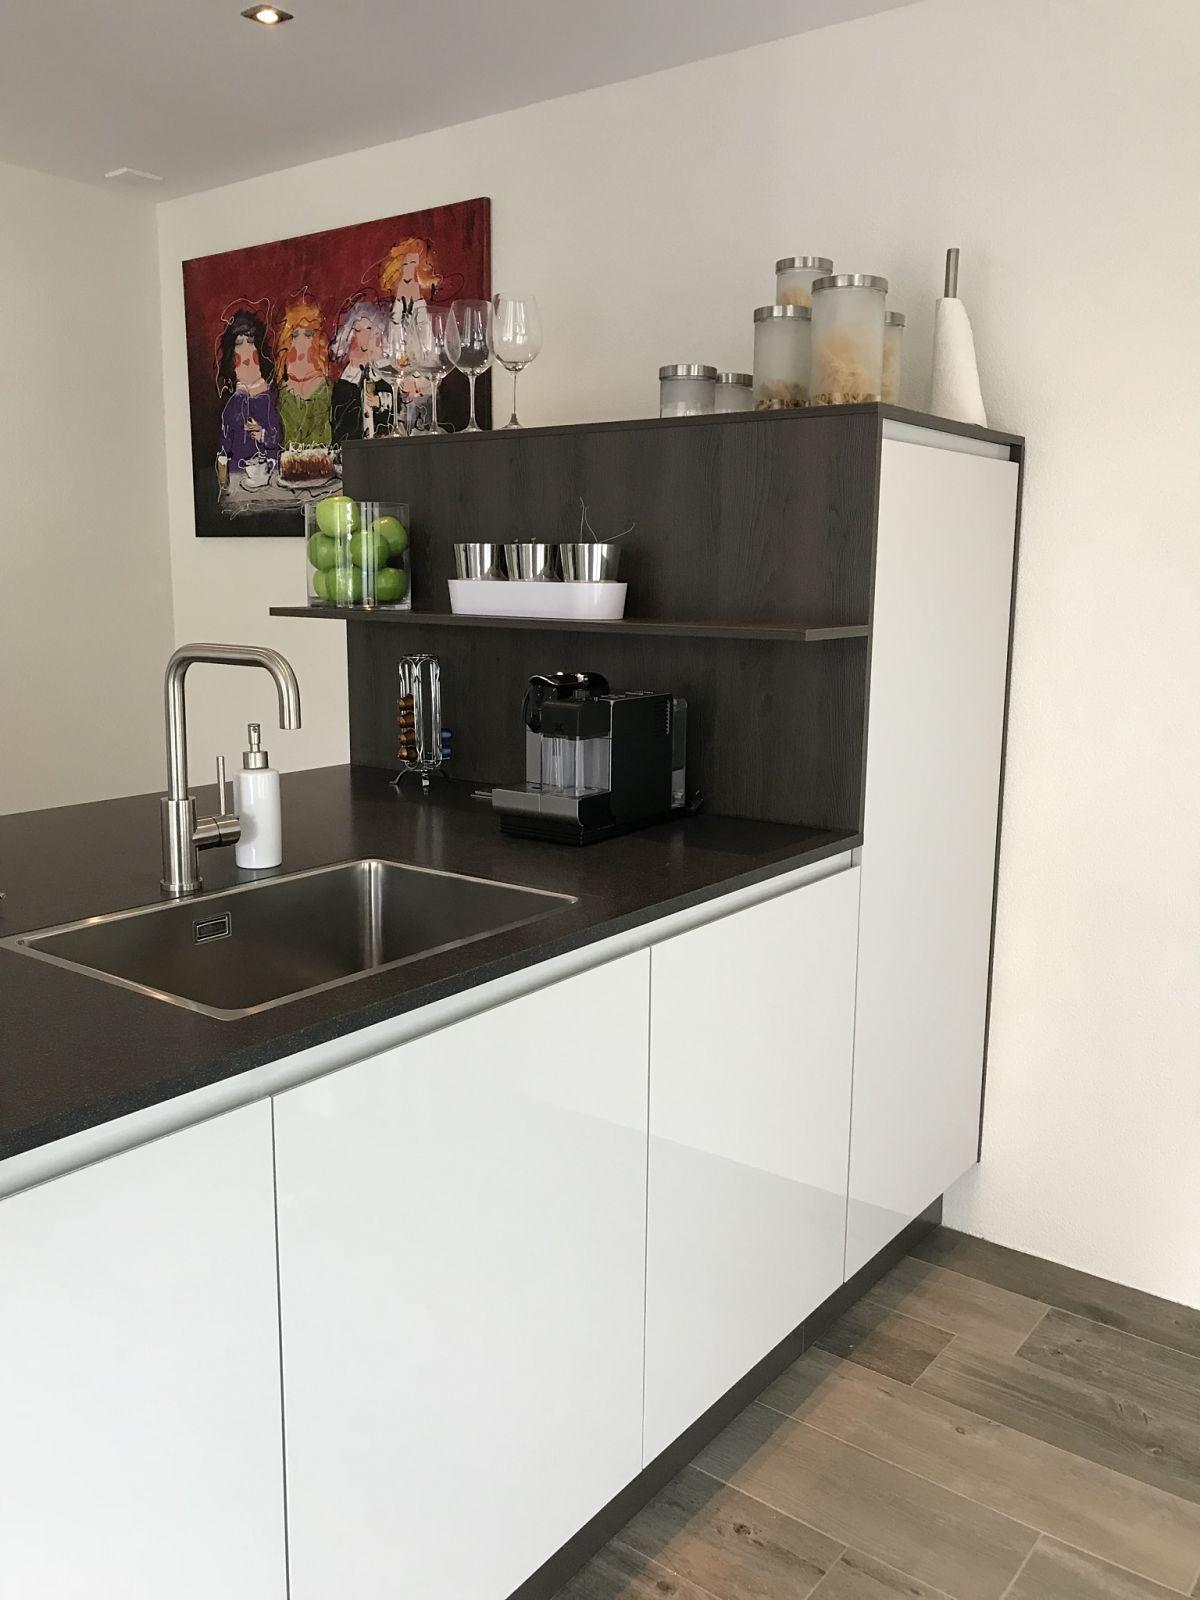 Alle Grey Modern Bedroom Set: Schiereiland Keuken In Misty Grey